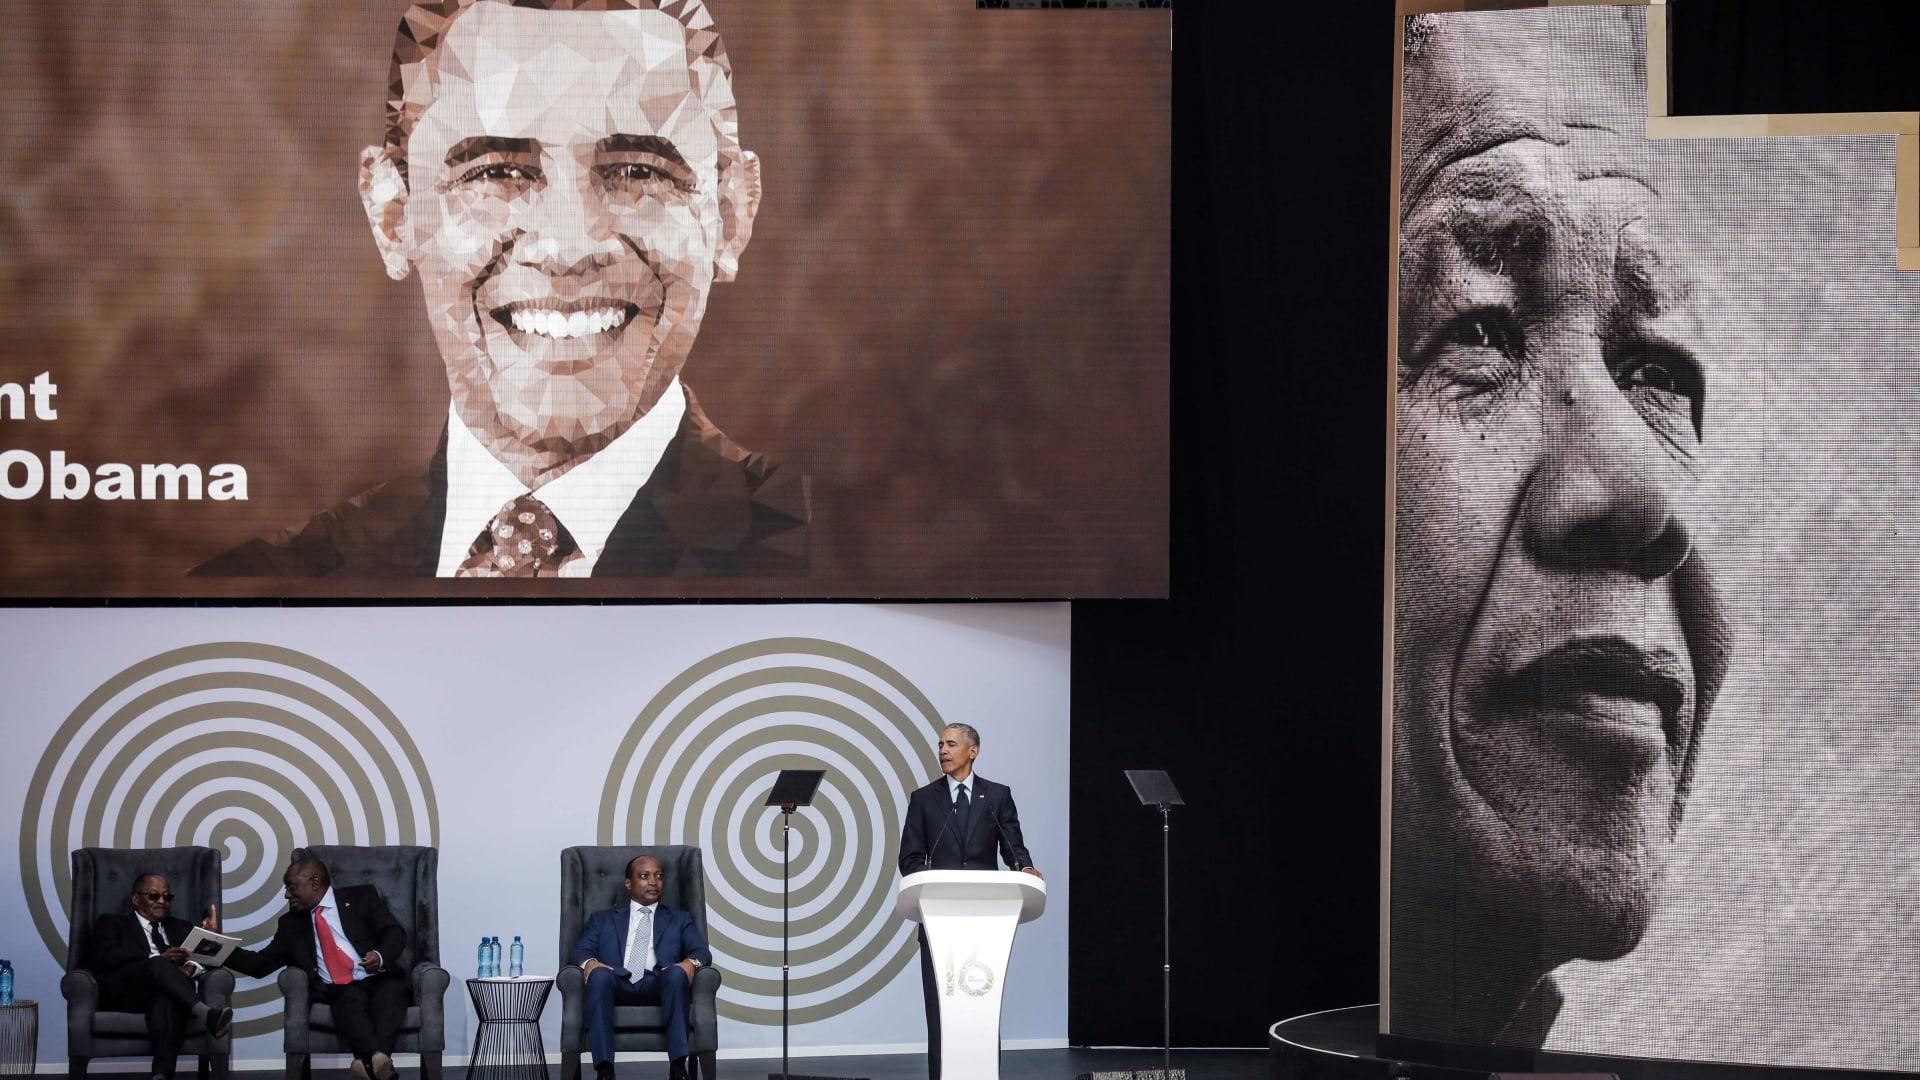 أوباما يوجه رسائل ضمنية ضد سياسات ترامب في مئوية مانديلا